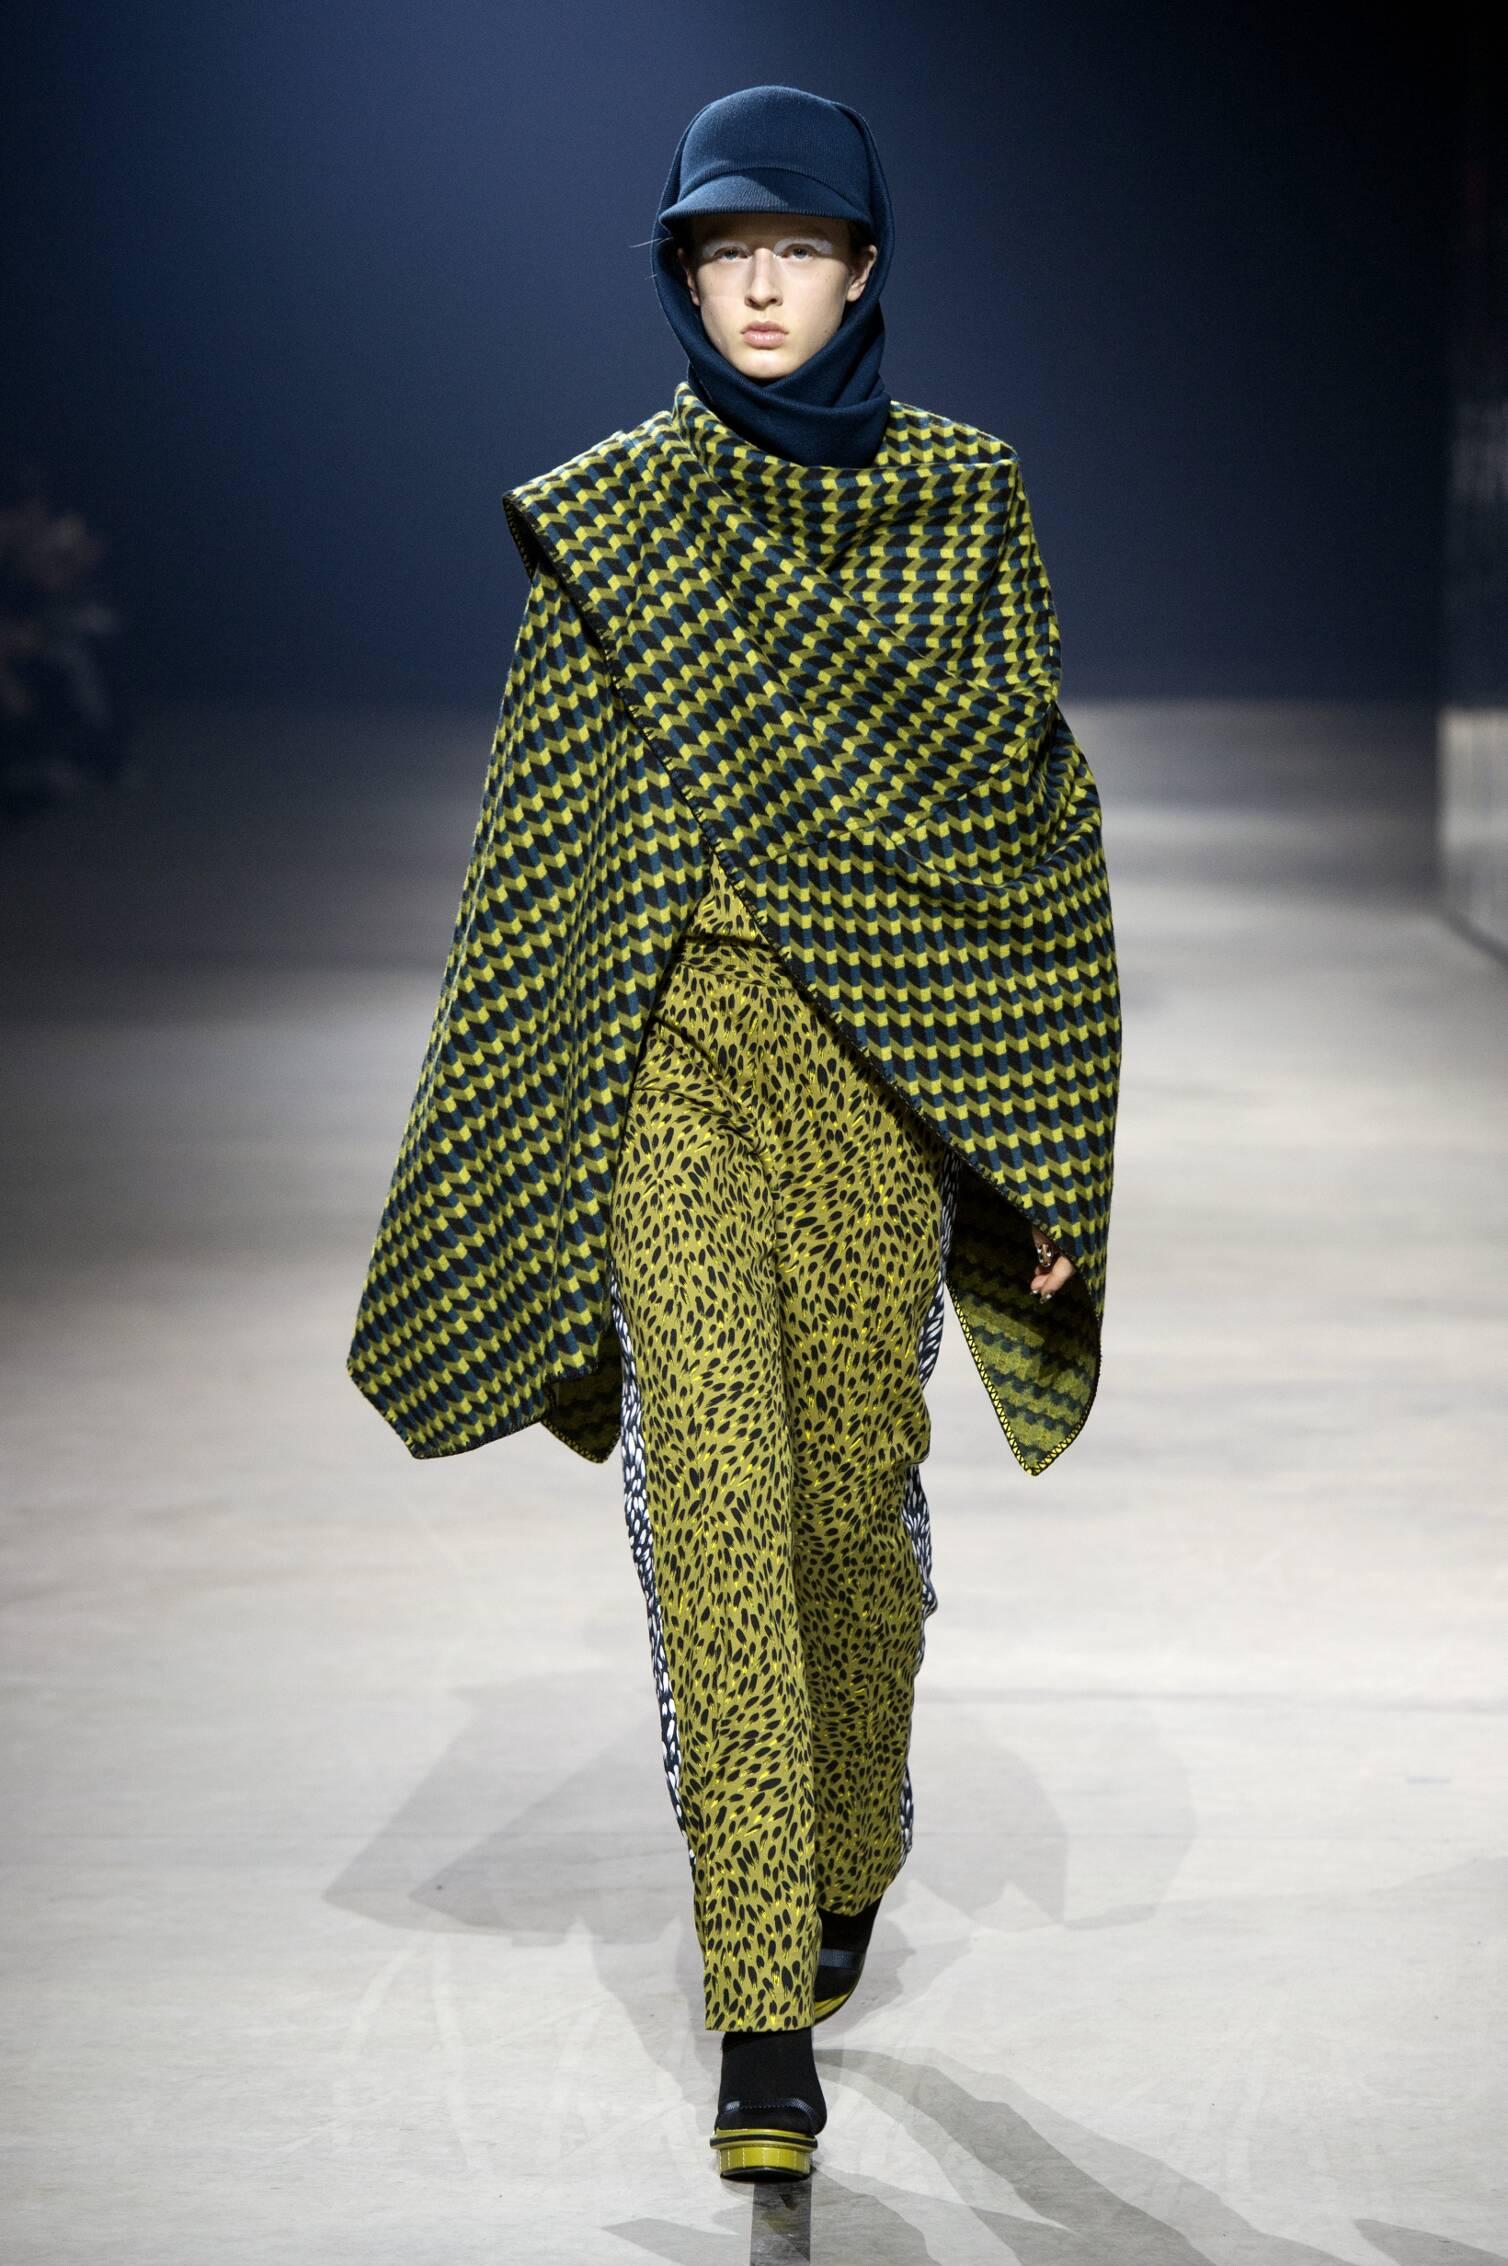 Runway Kenzo Fall Winter 2015 16 Women's Collection Paris Fashion Week